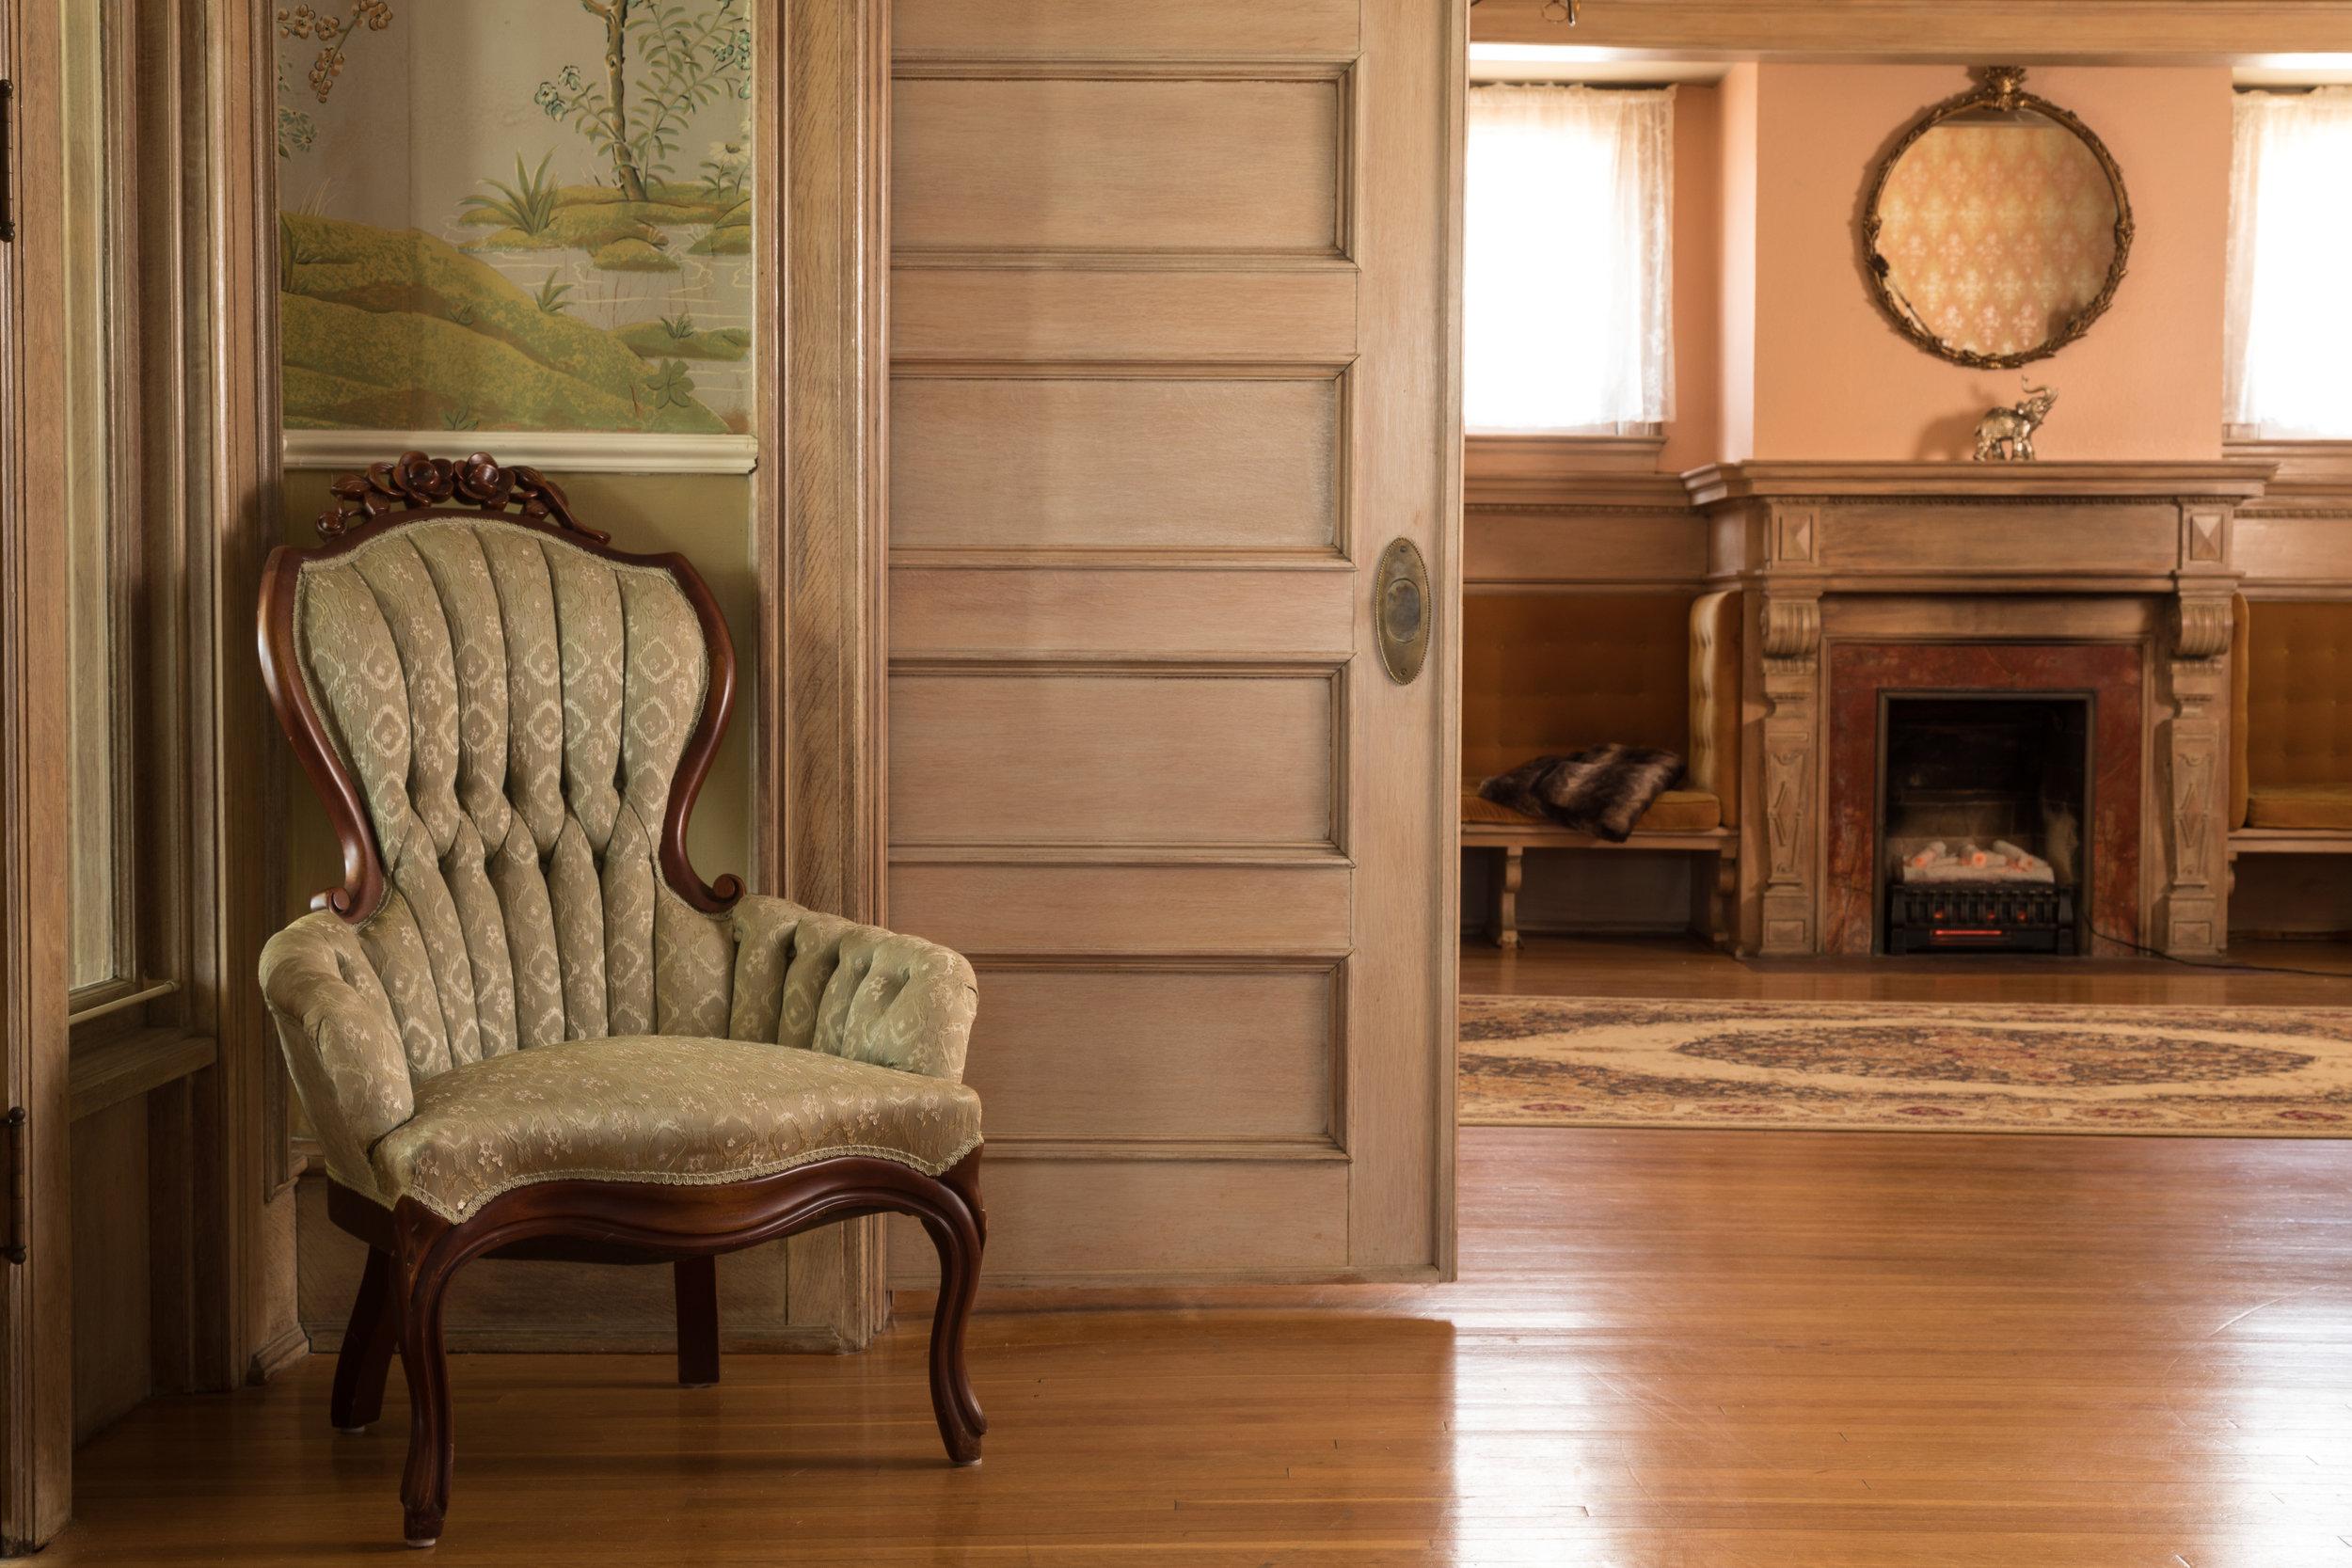 Ringling-House-9050.jpg